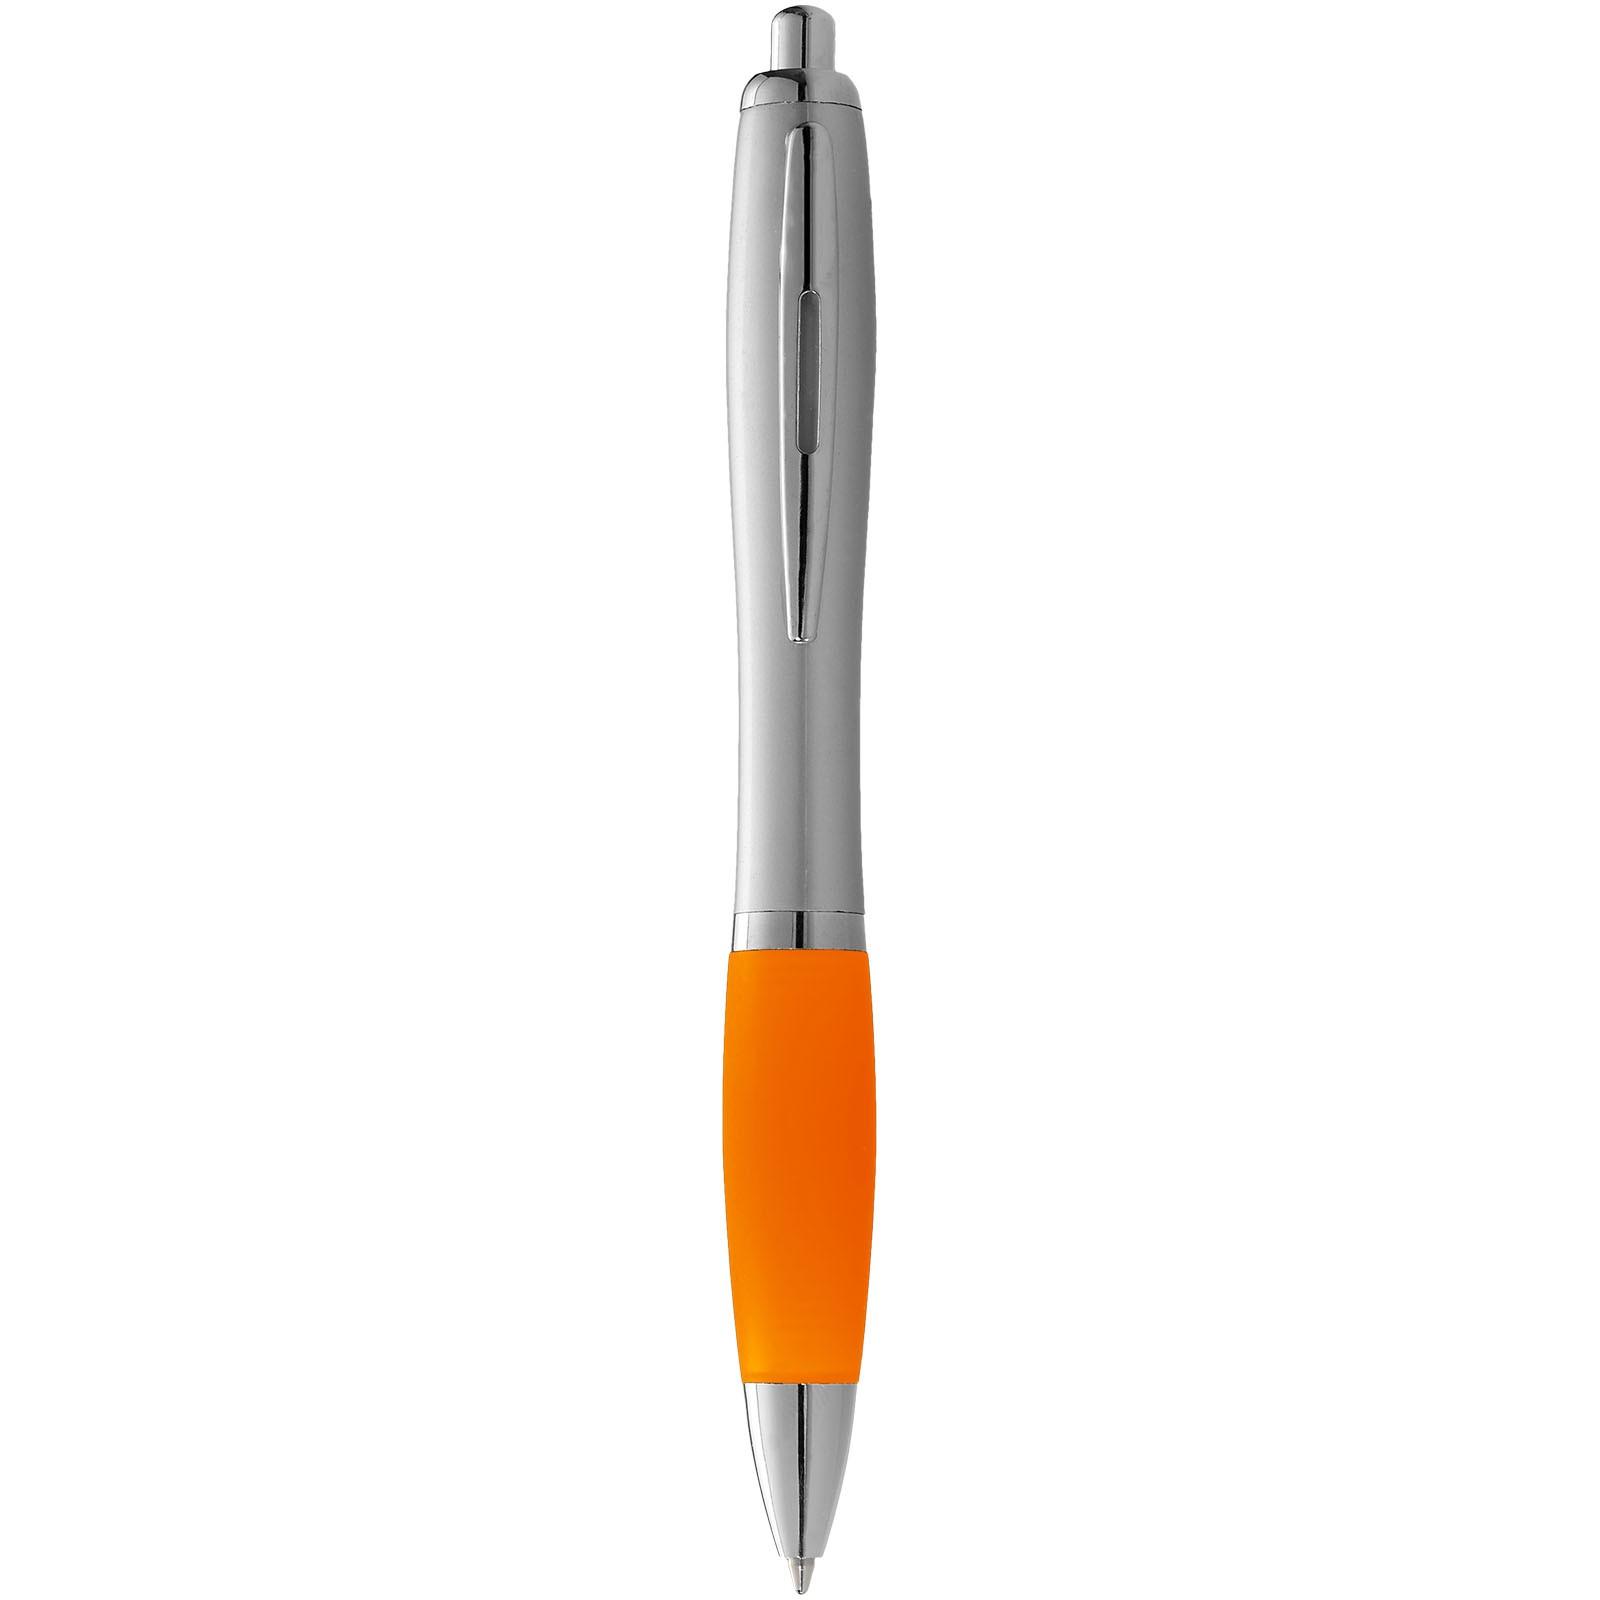 Stříbrné kuličkové pero Nash s barevným úchopem - Stříbrný / 0ranžová